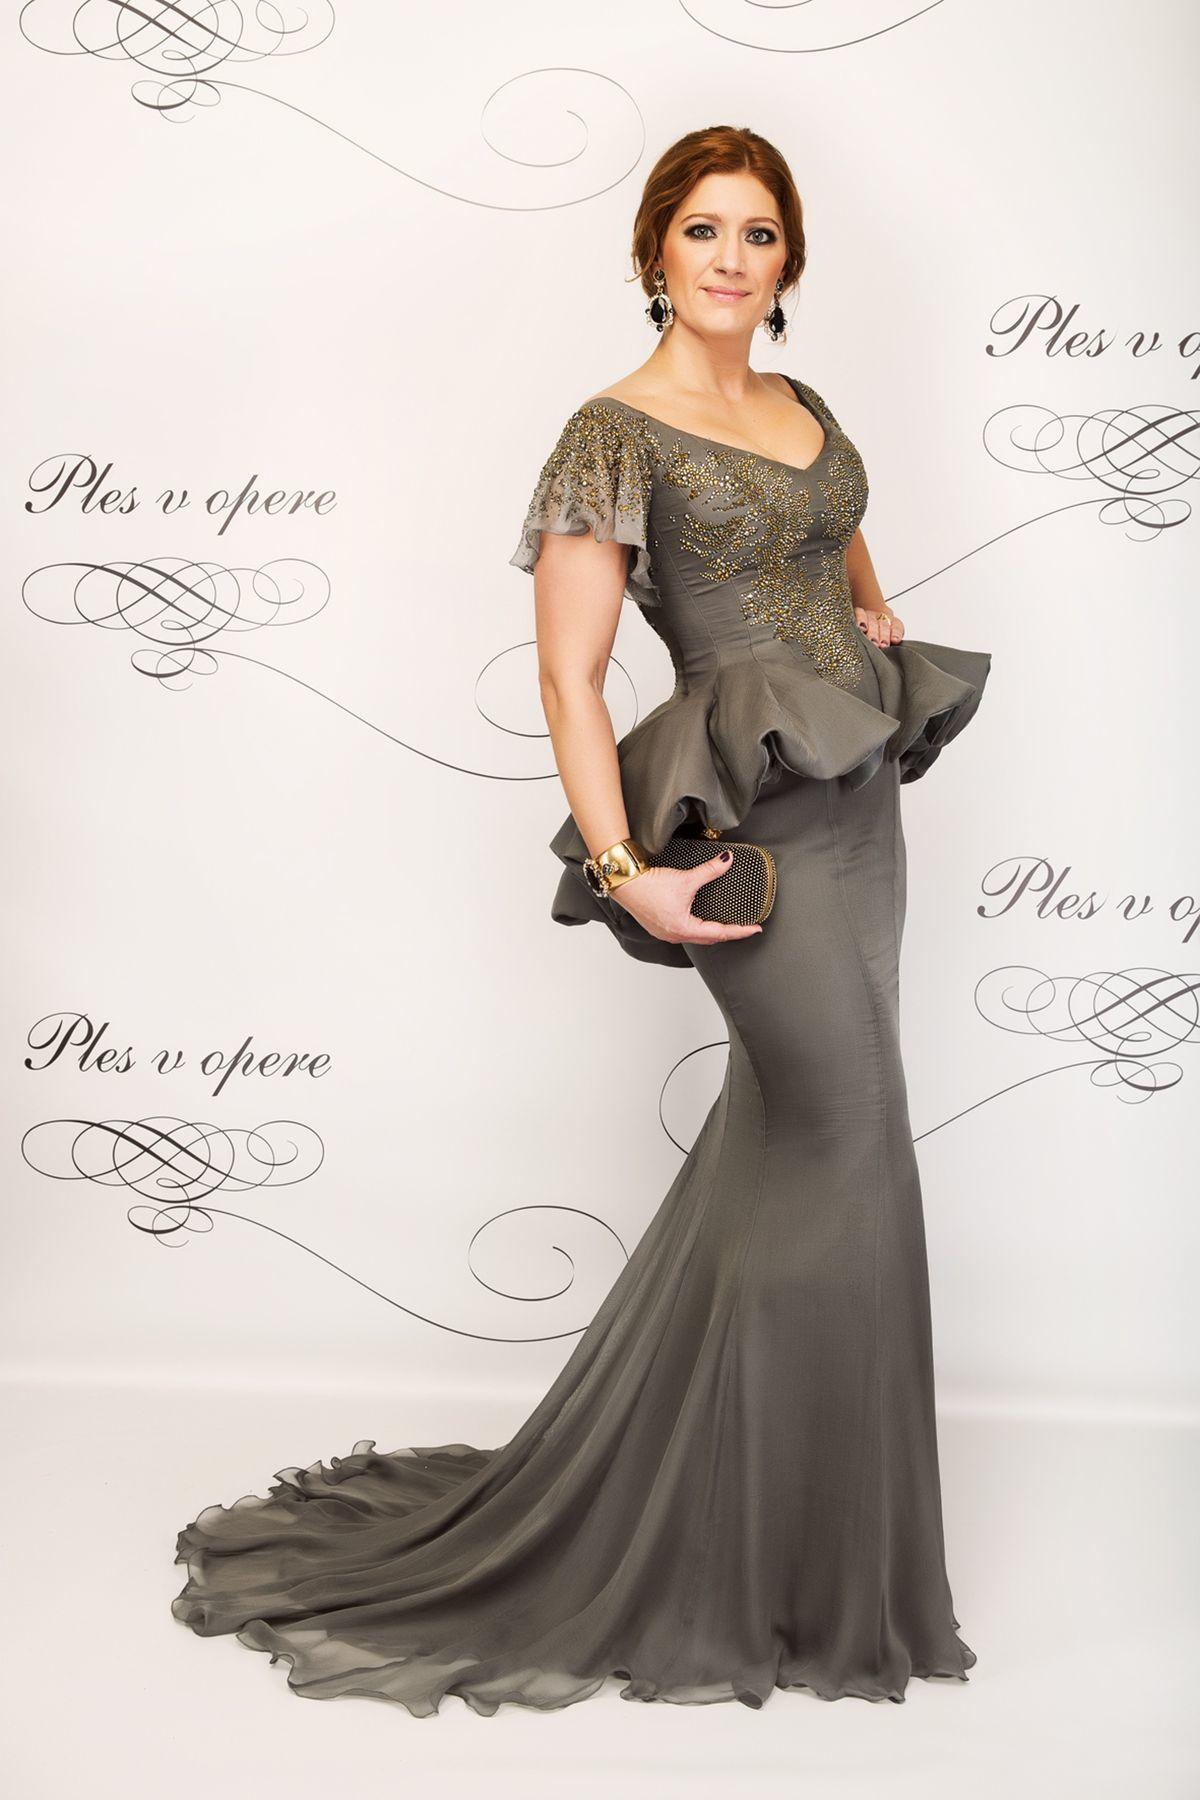 9c65b9c42622 Riaditeľka Plesu v opere Andrea Cocherová v šatách od Hany br    Převrátilovej.